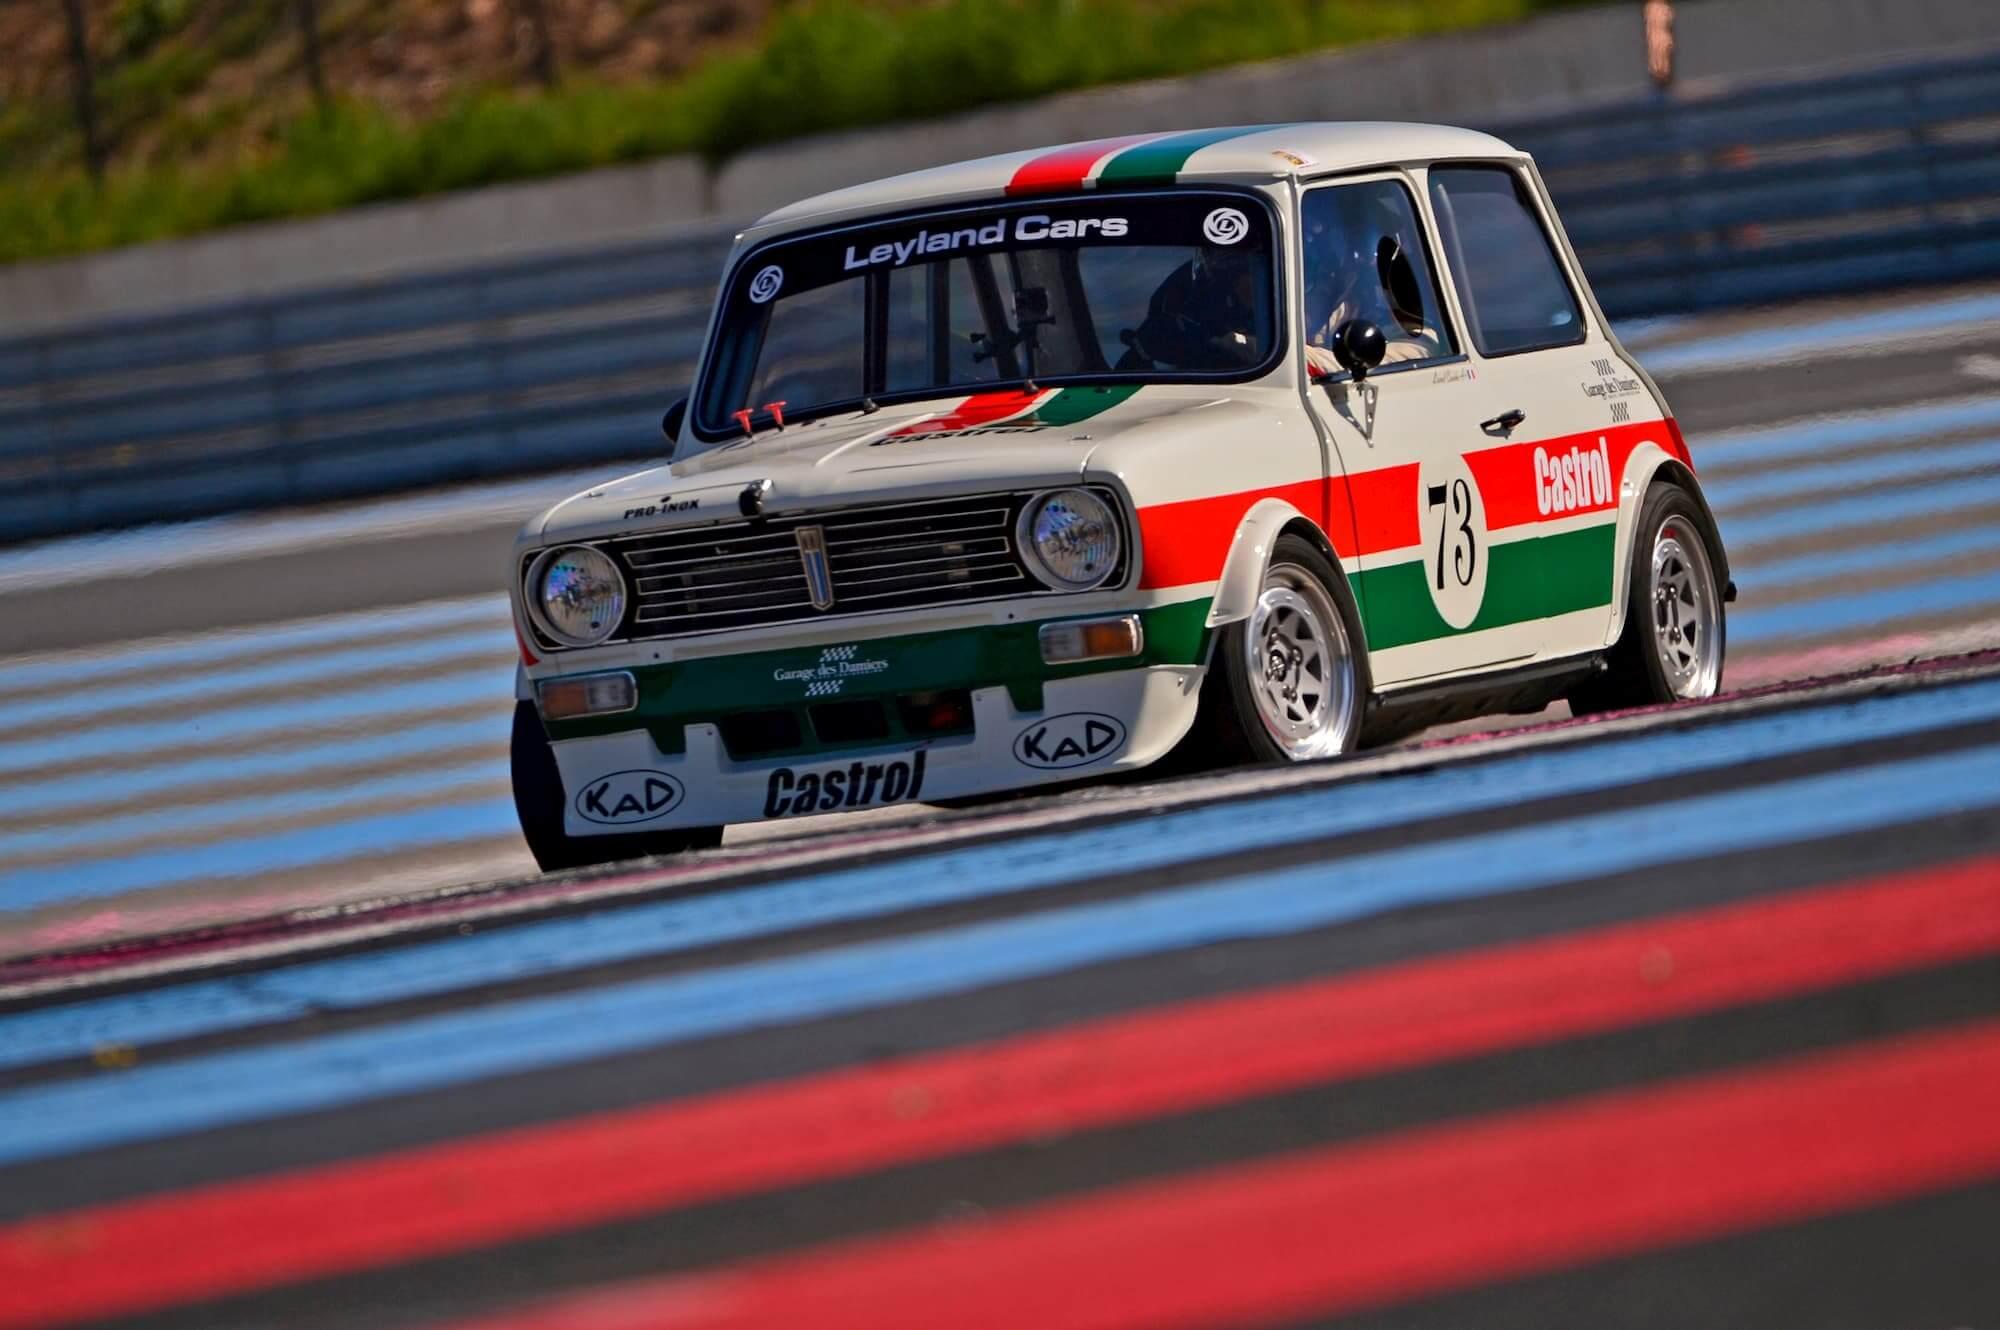 Austin mini 1275 GT en course sur le circuit Paul Ricard - Historic Tour